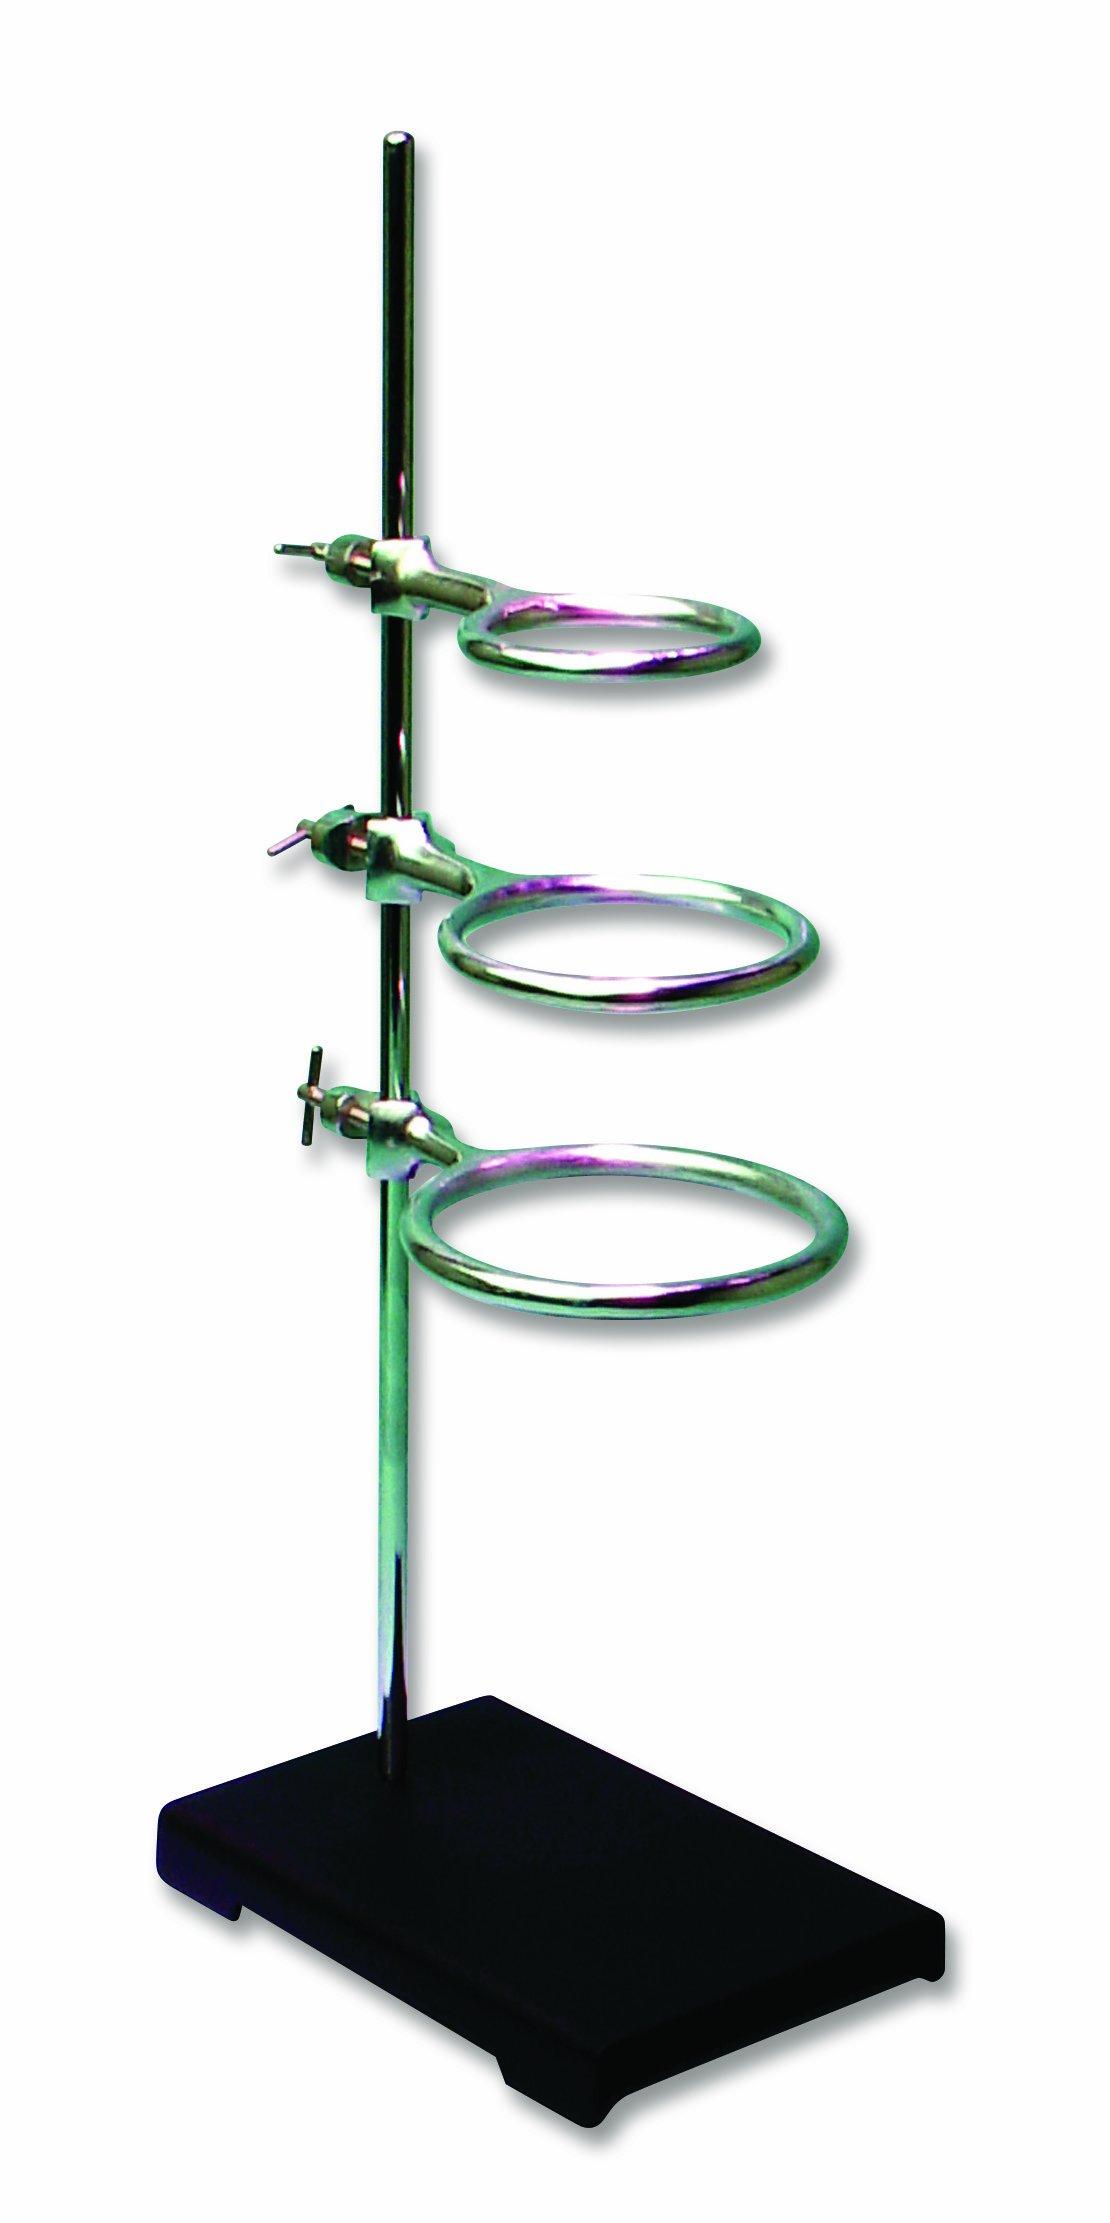 Frey Scientific 574107 4 Piece Ring Stand Set by Frey Scientific